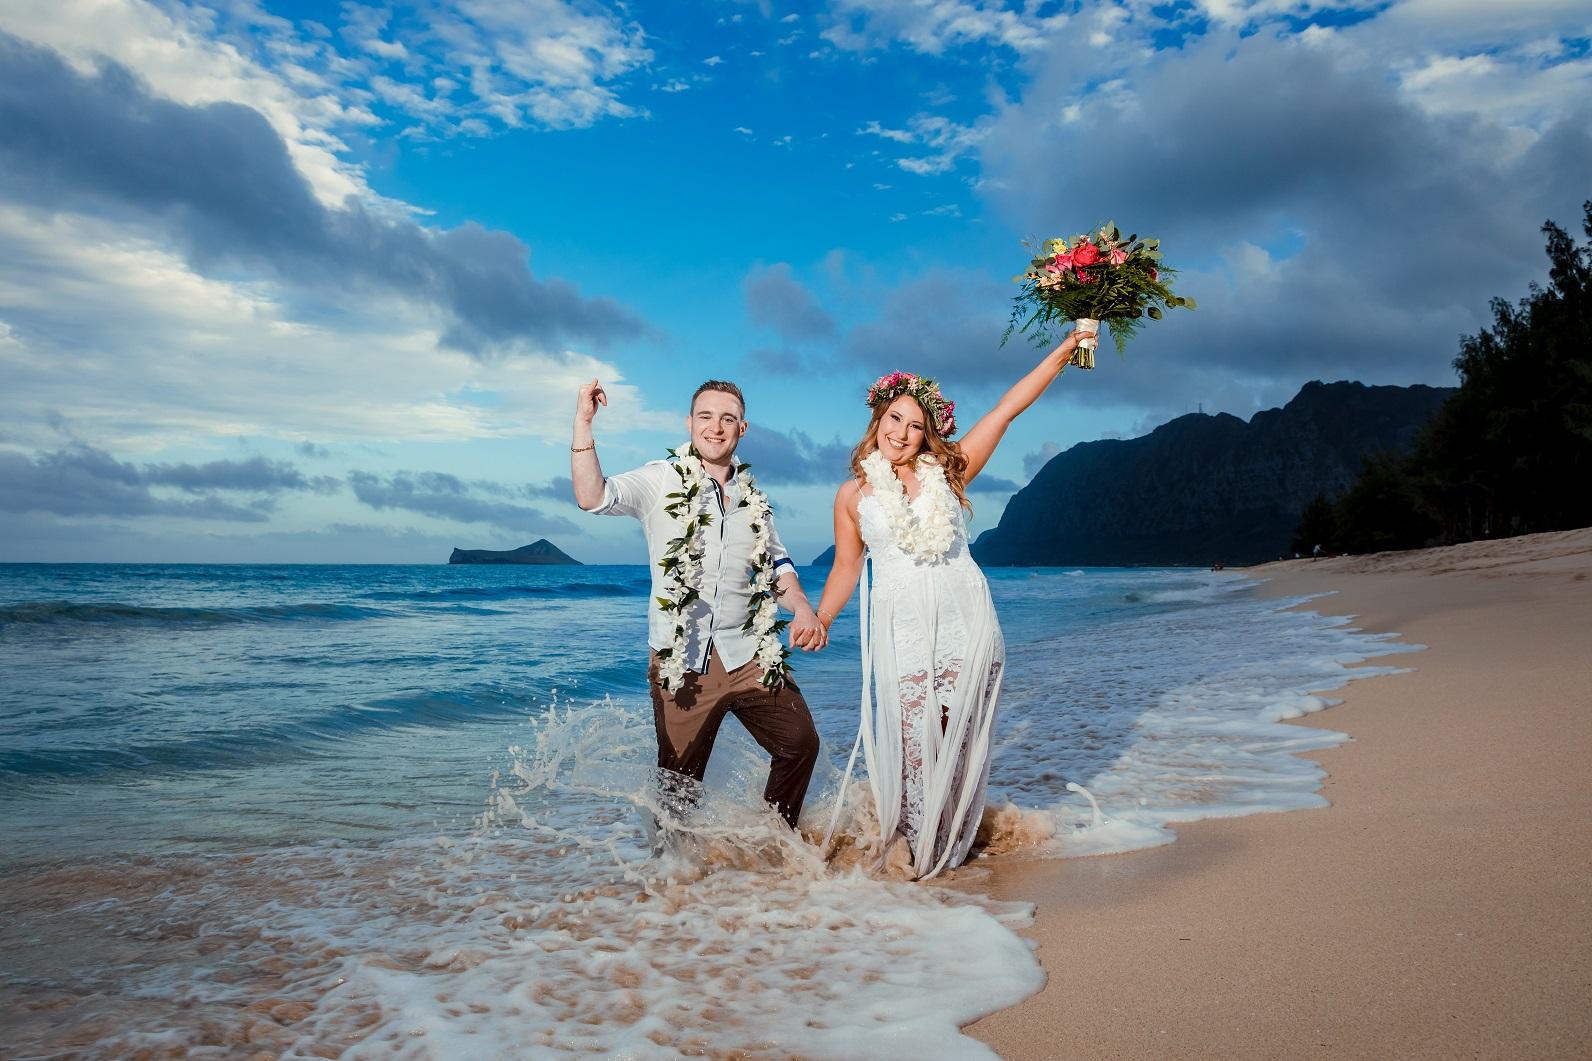 bride groom wedding portrait beach sunset waves splash